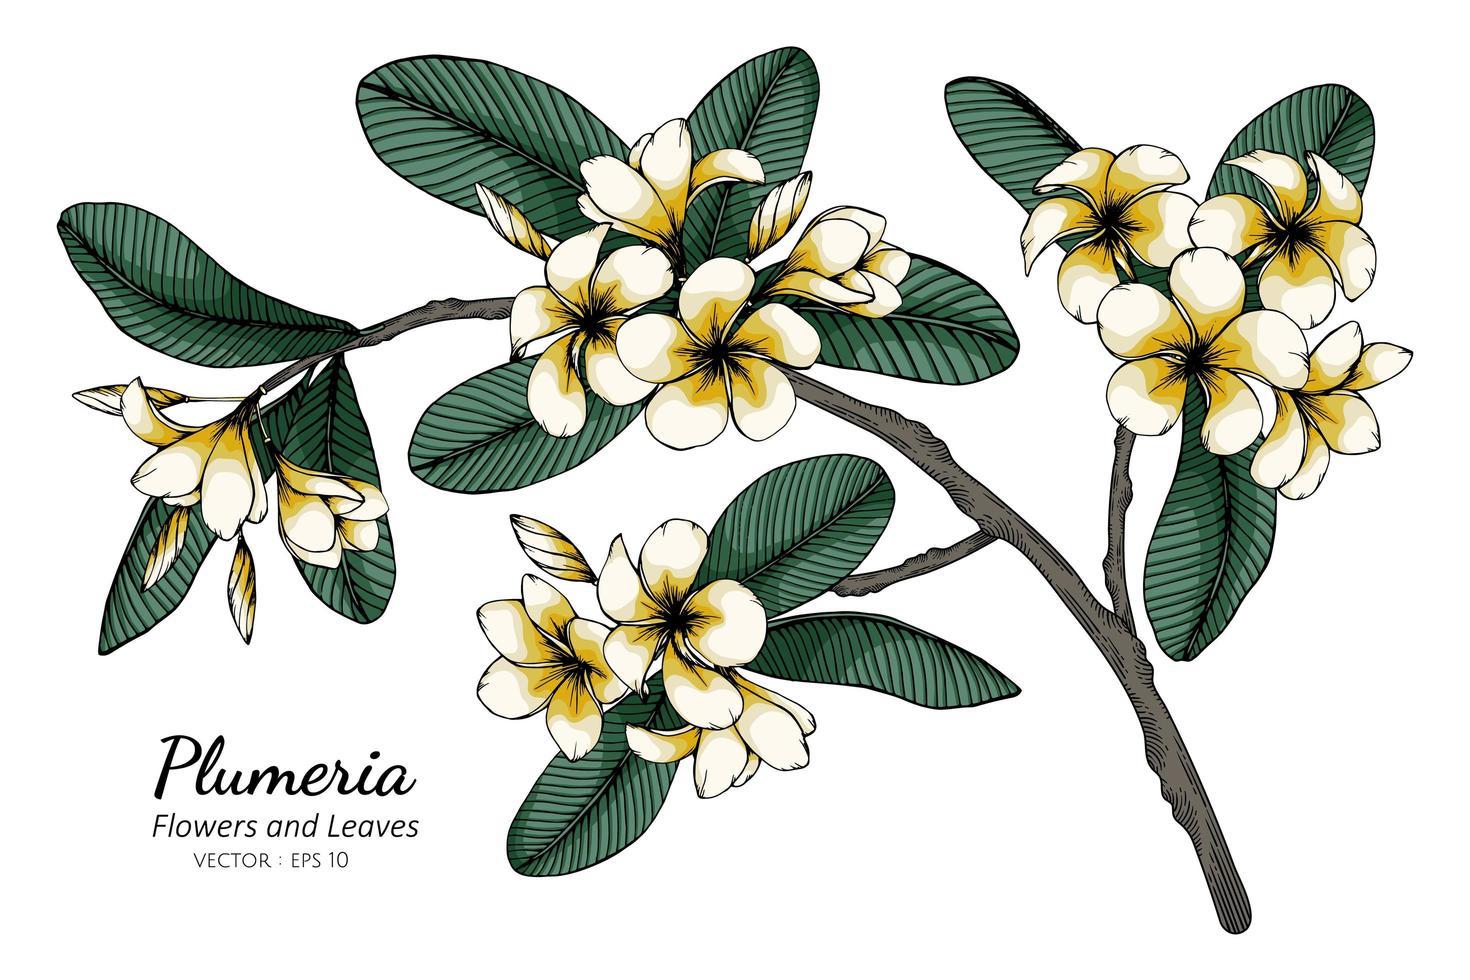 plumeria blomma och blad ritning vektor